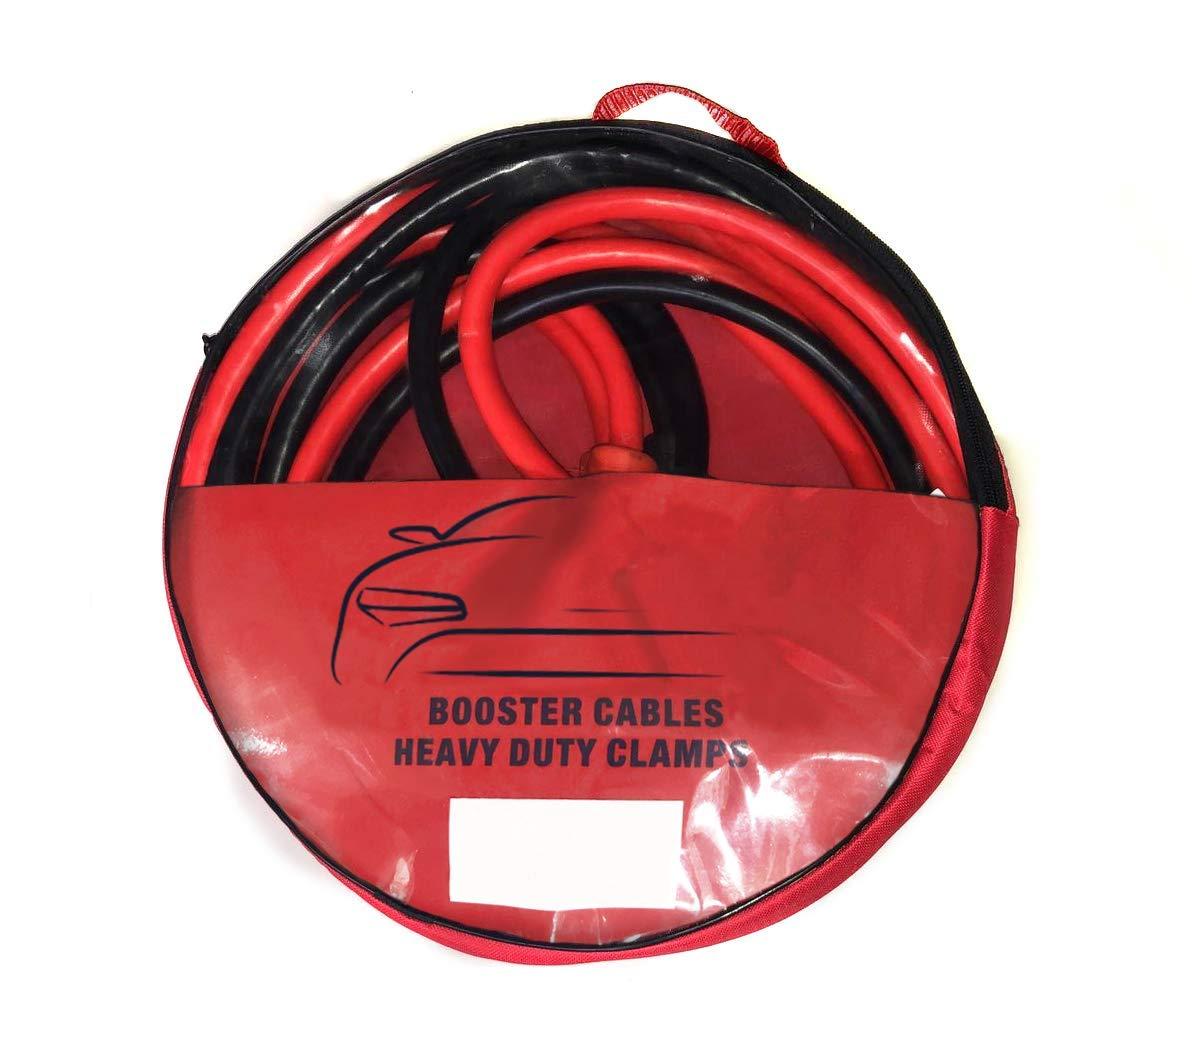 Asc 4.5m 1200A Cables Arranque,Cables Pasacorriente,Resistente Pinzas para Gasolina /& Di/ésel Incluye Bolsa//Estuche de Almacenamiento